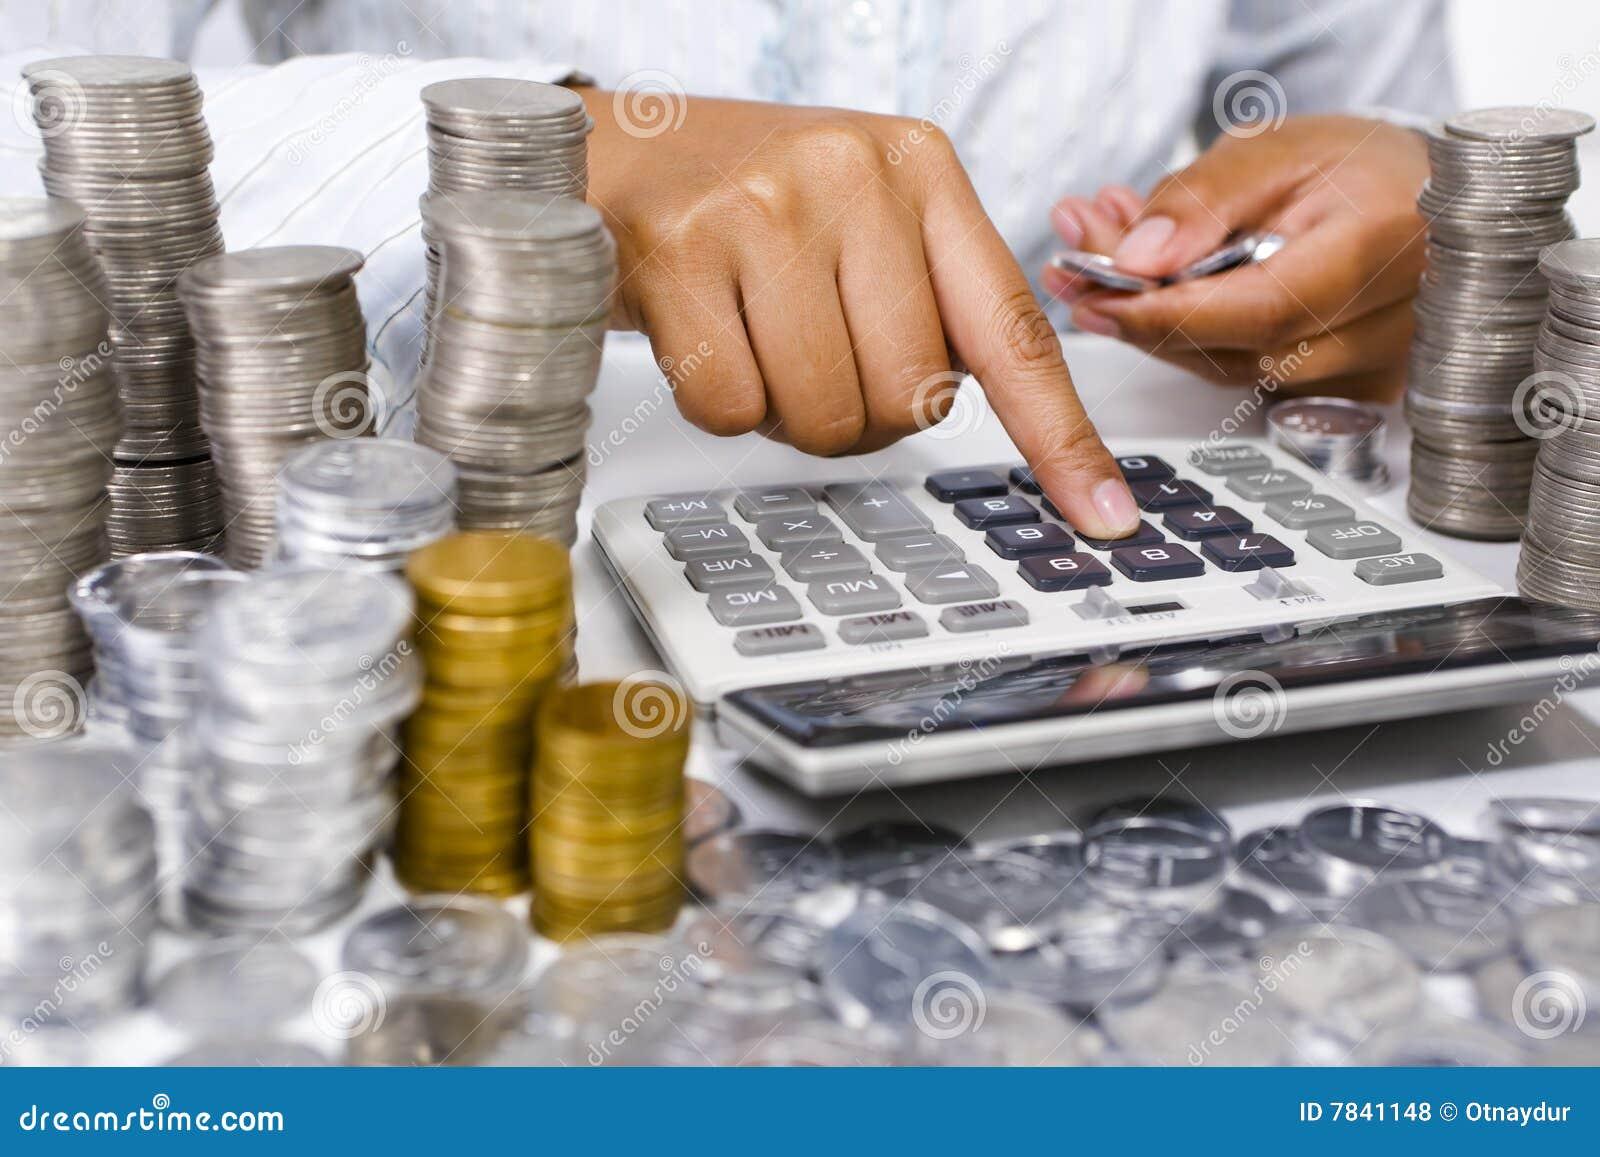 Contando o dinheiro